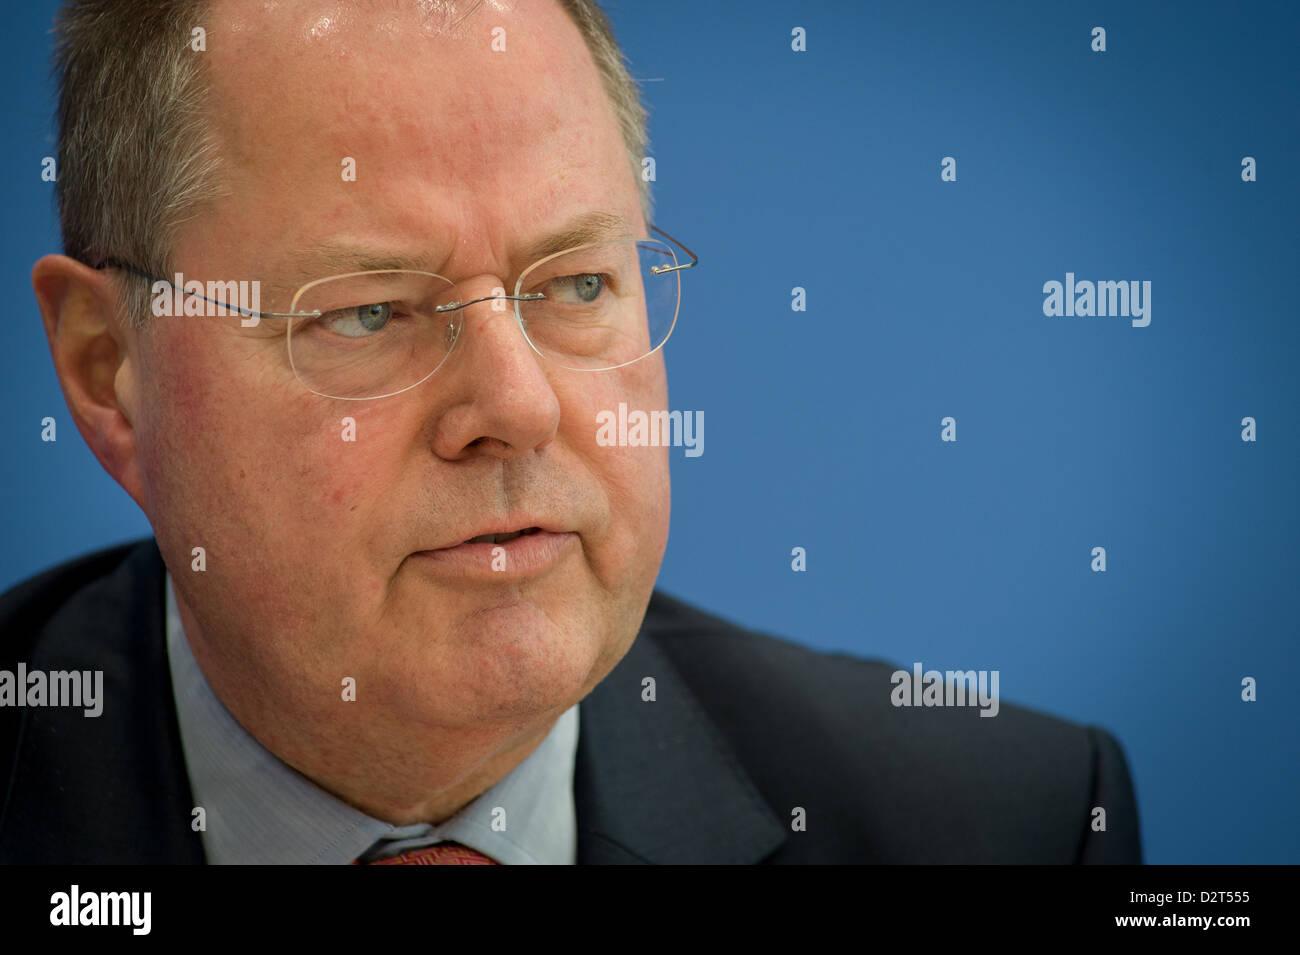 Berlin, Germany, Peer Steinbrueck, SPD, in Portrait - Stock Image